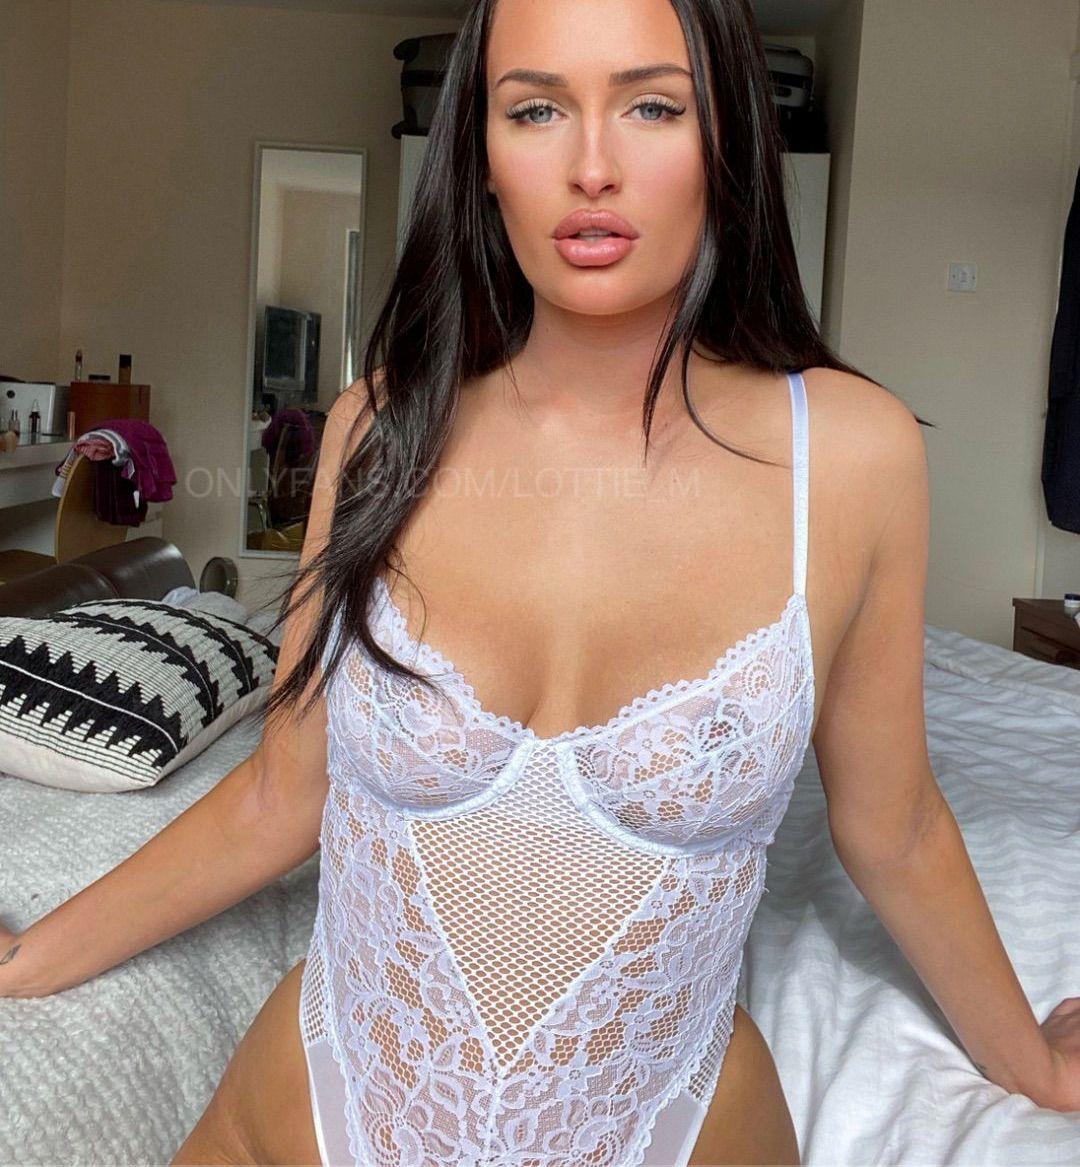 Lottie Squirts Lottie M Onlyfans Nudes Leaks 0021